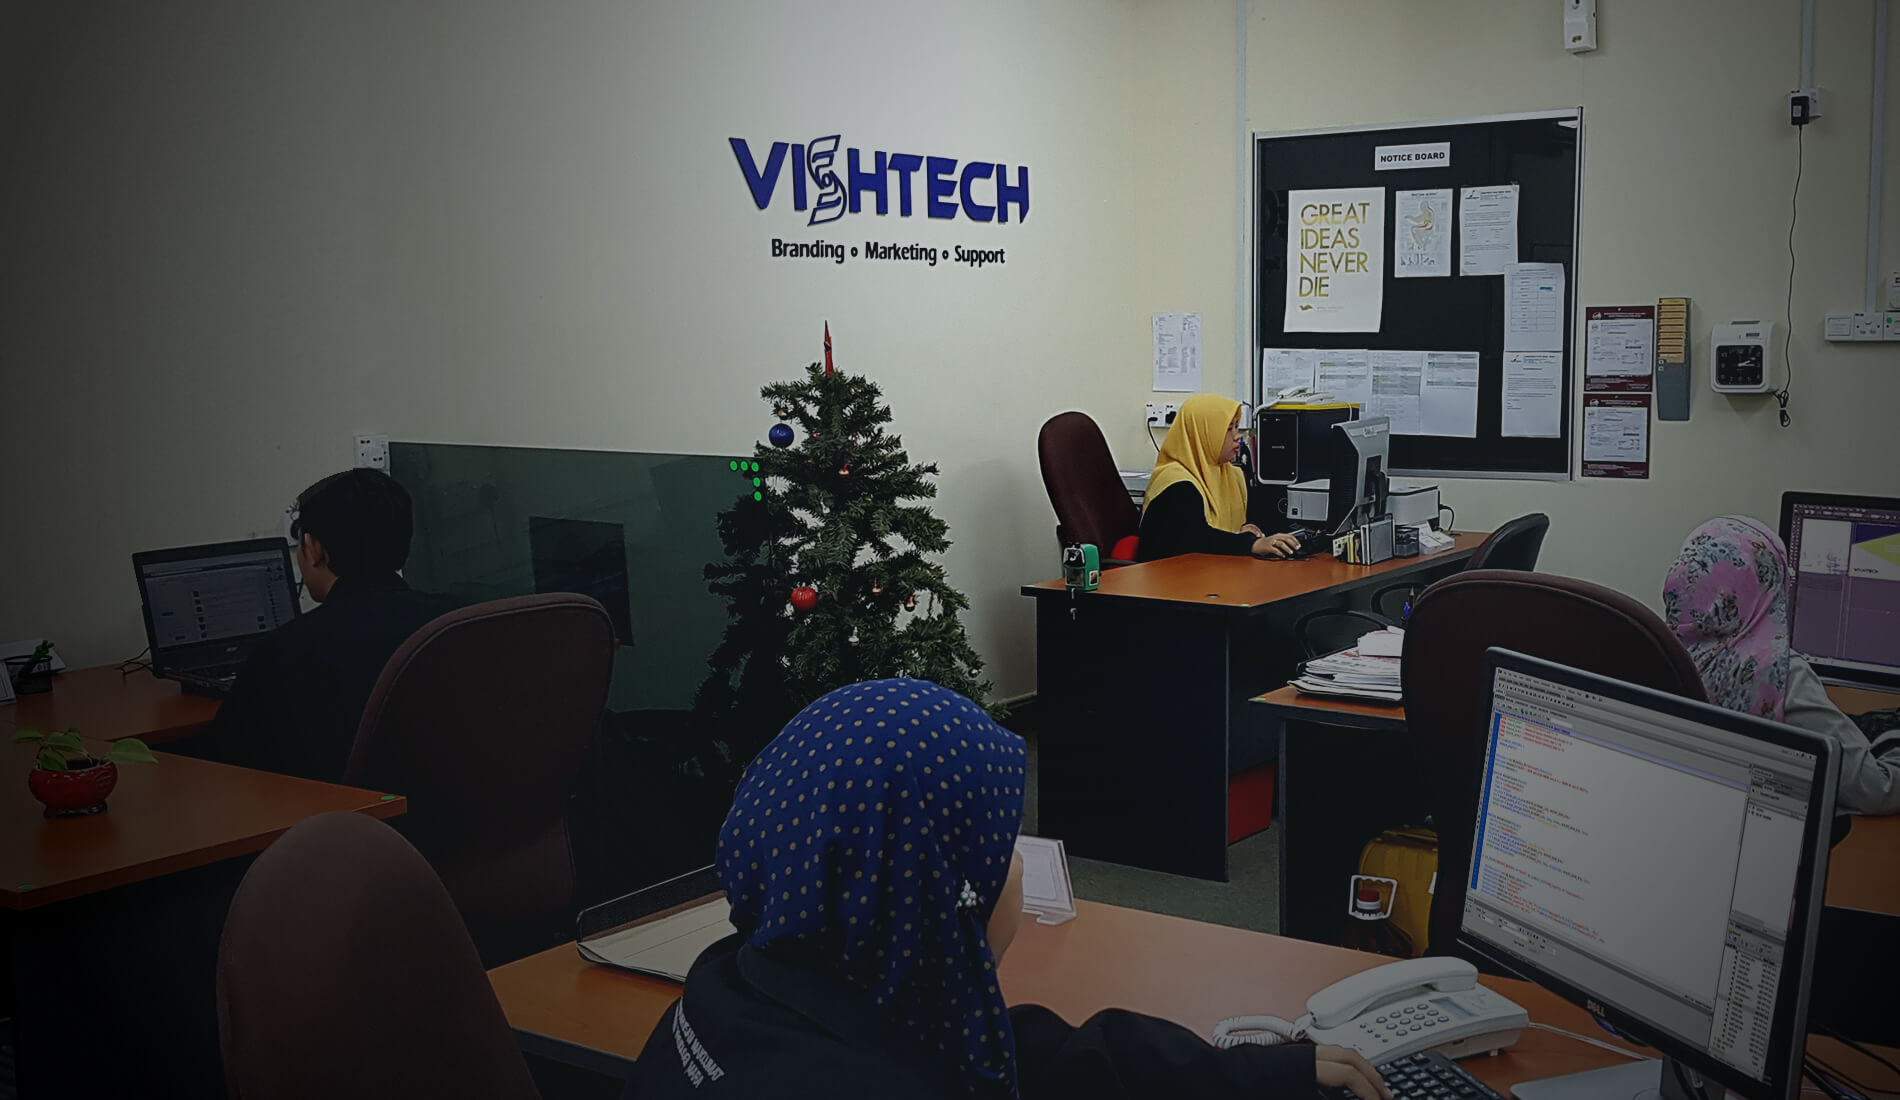 About VISHTECH